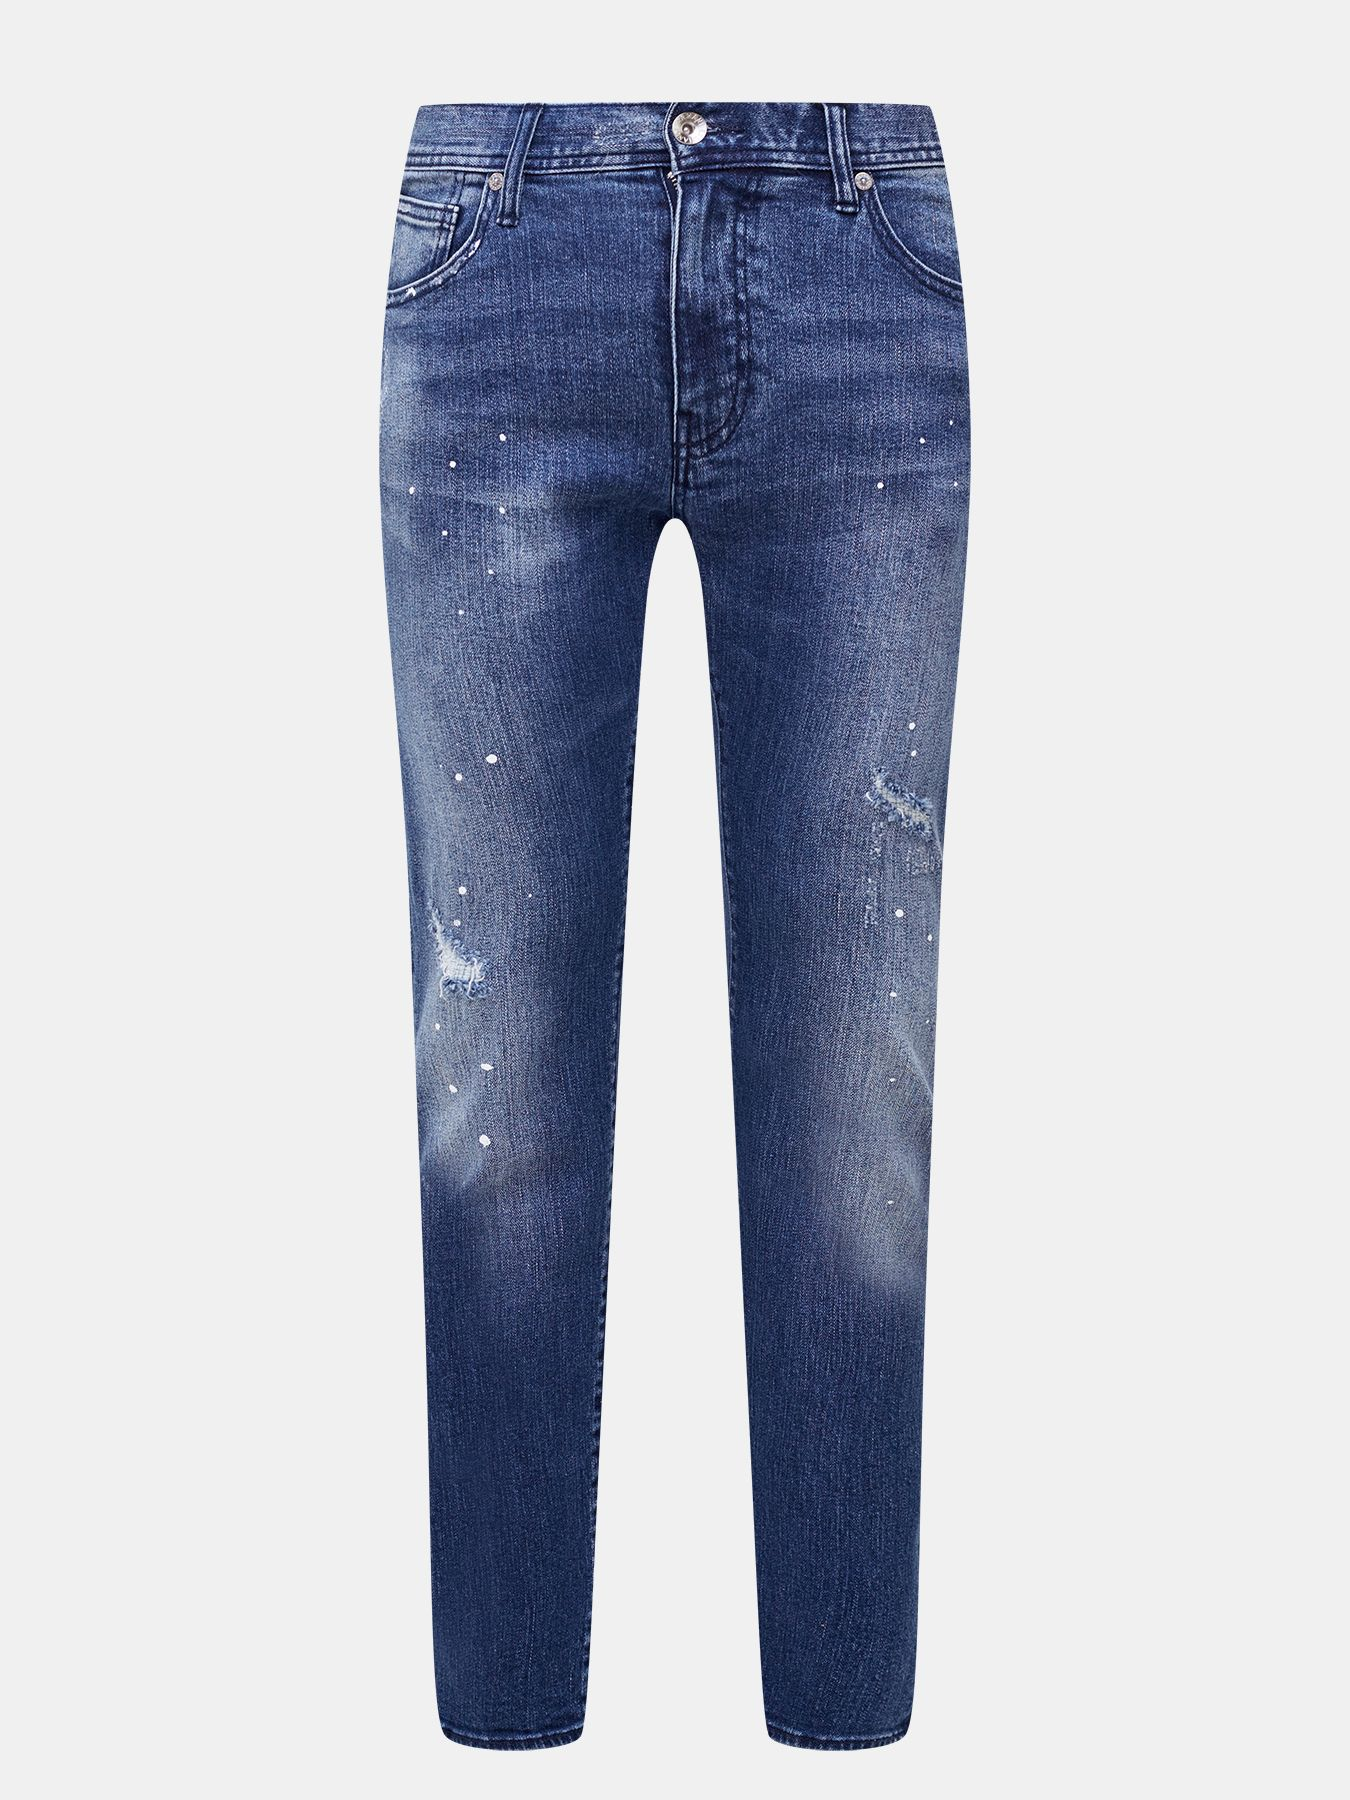 Джинсы Armani Exchange Джинсы J13 брюки armani exchange джинсы с потертостями j27